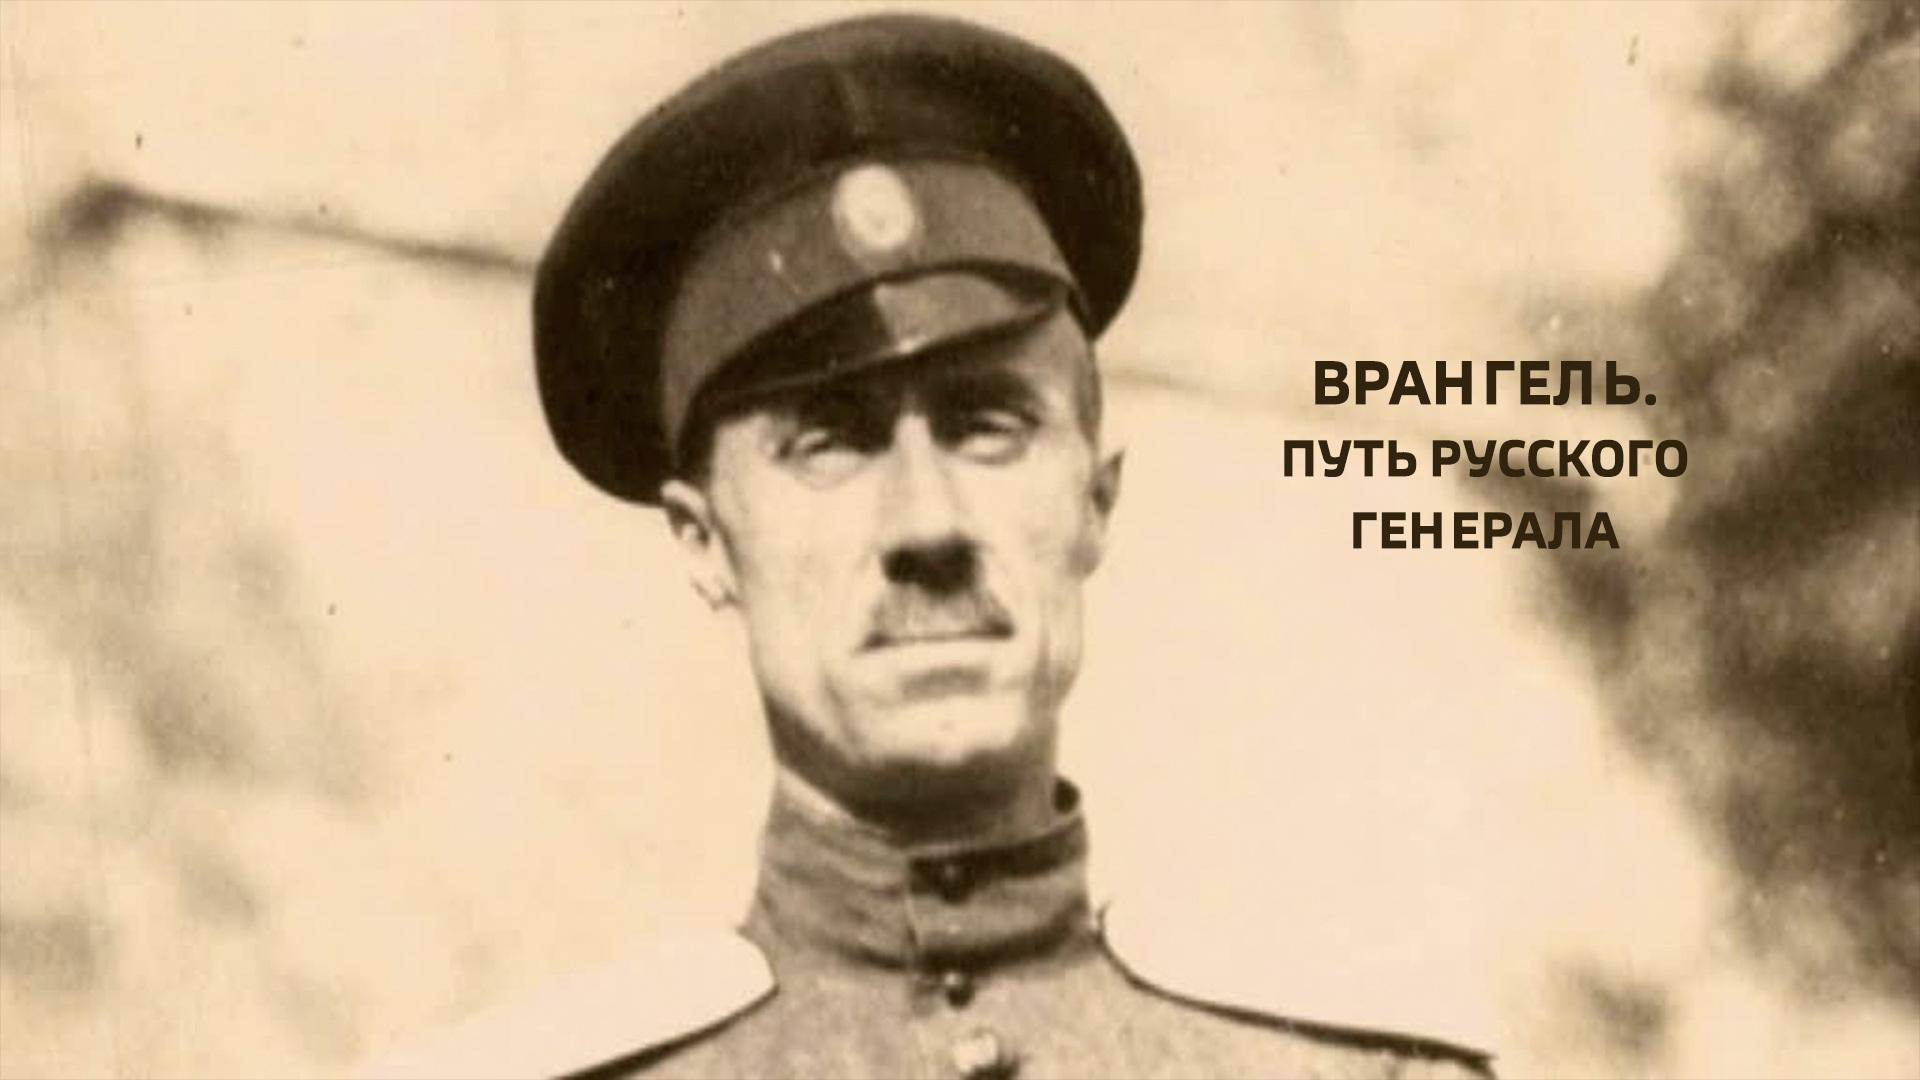 Врангель. Путь русского генерала